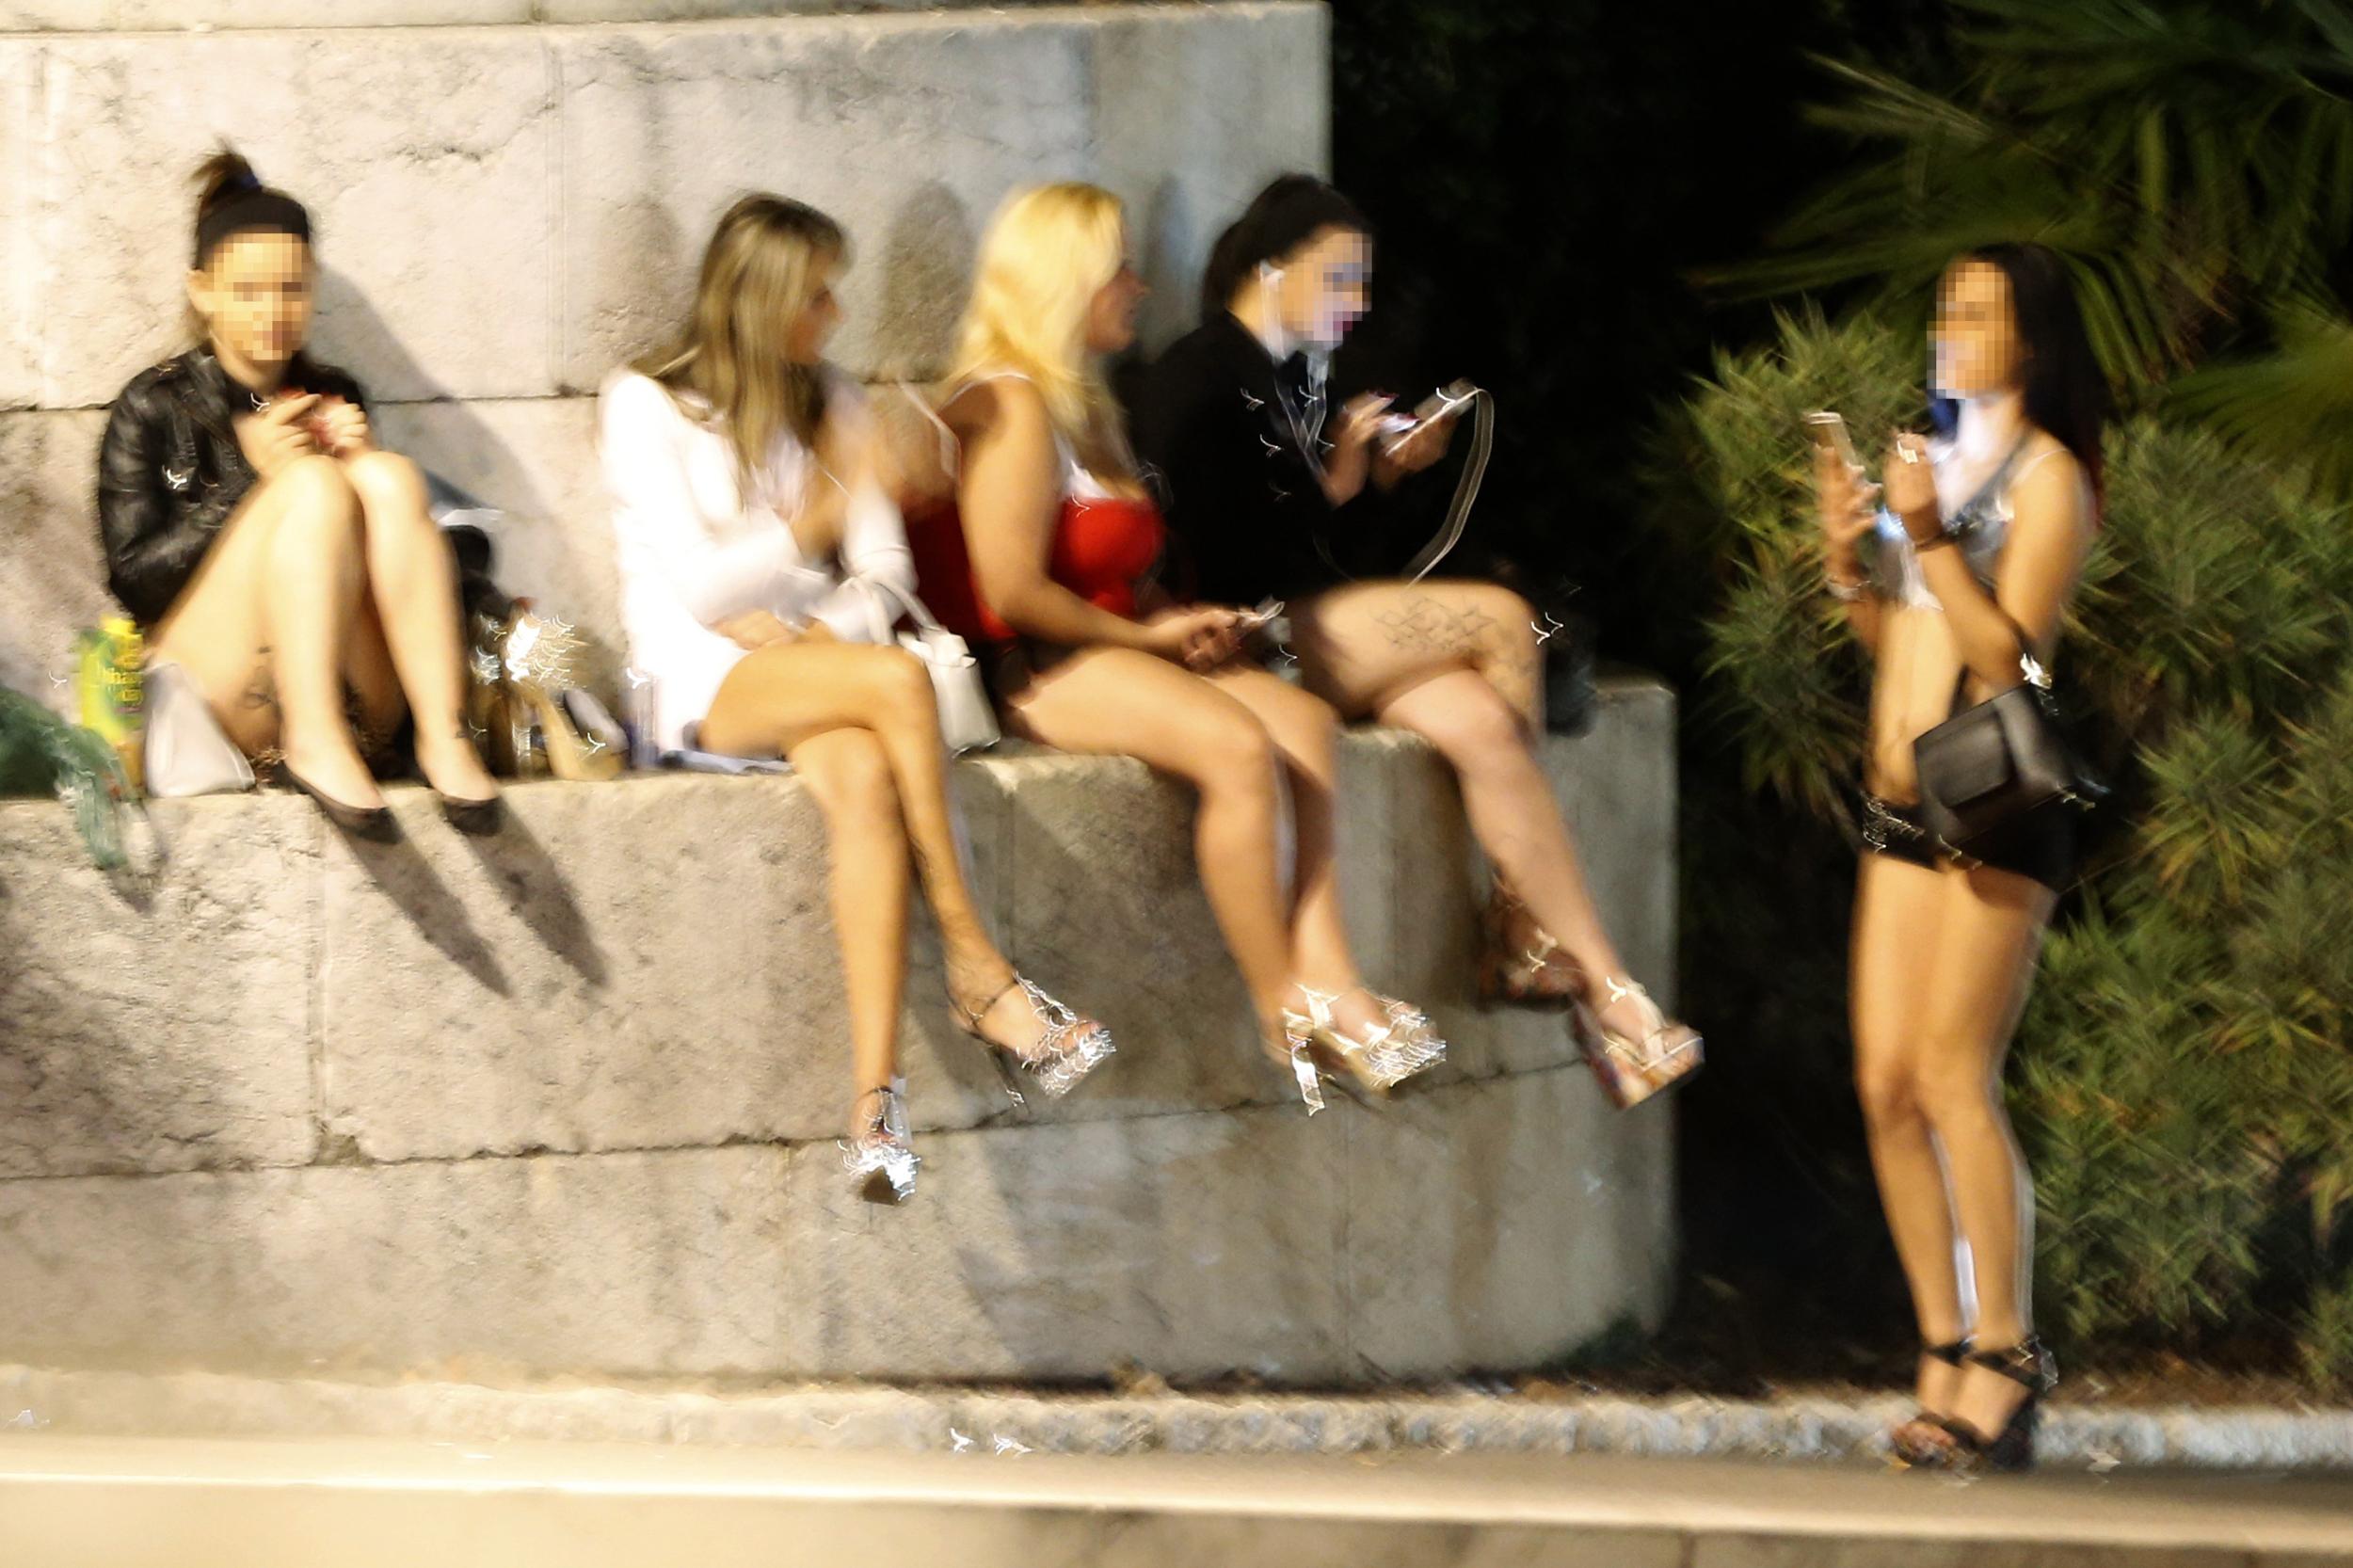 Проституция у себя в квартире, «Каждая сталкивается с насилием»: Я работаю 13 фотография